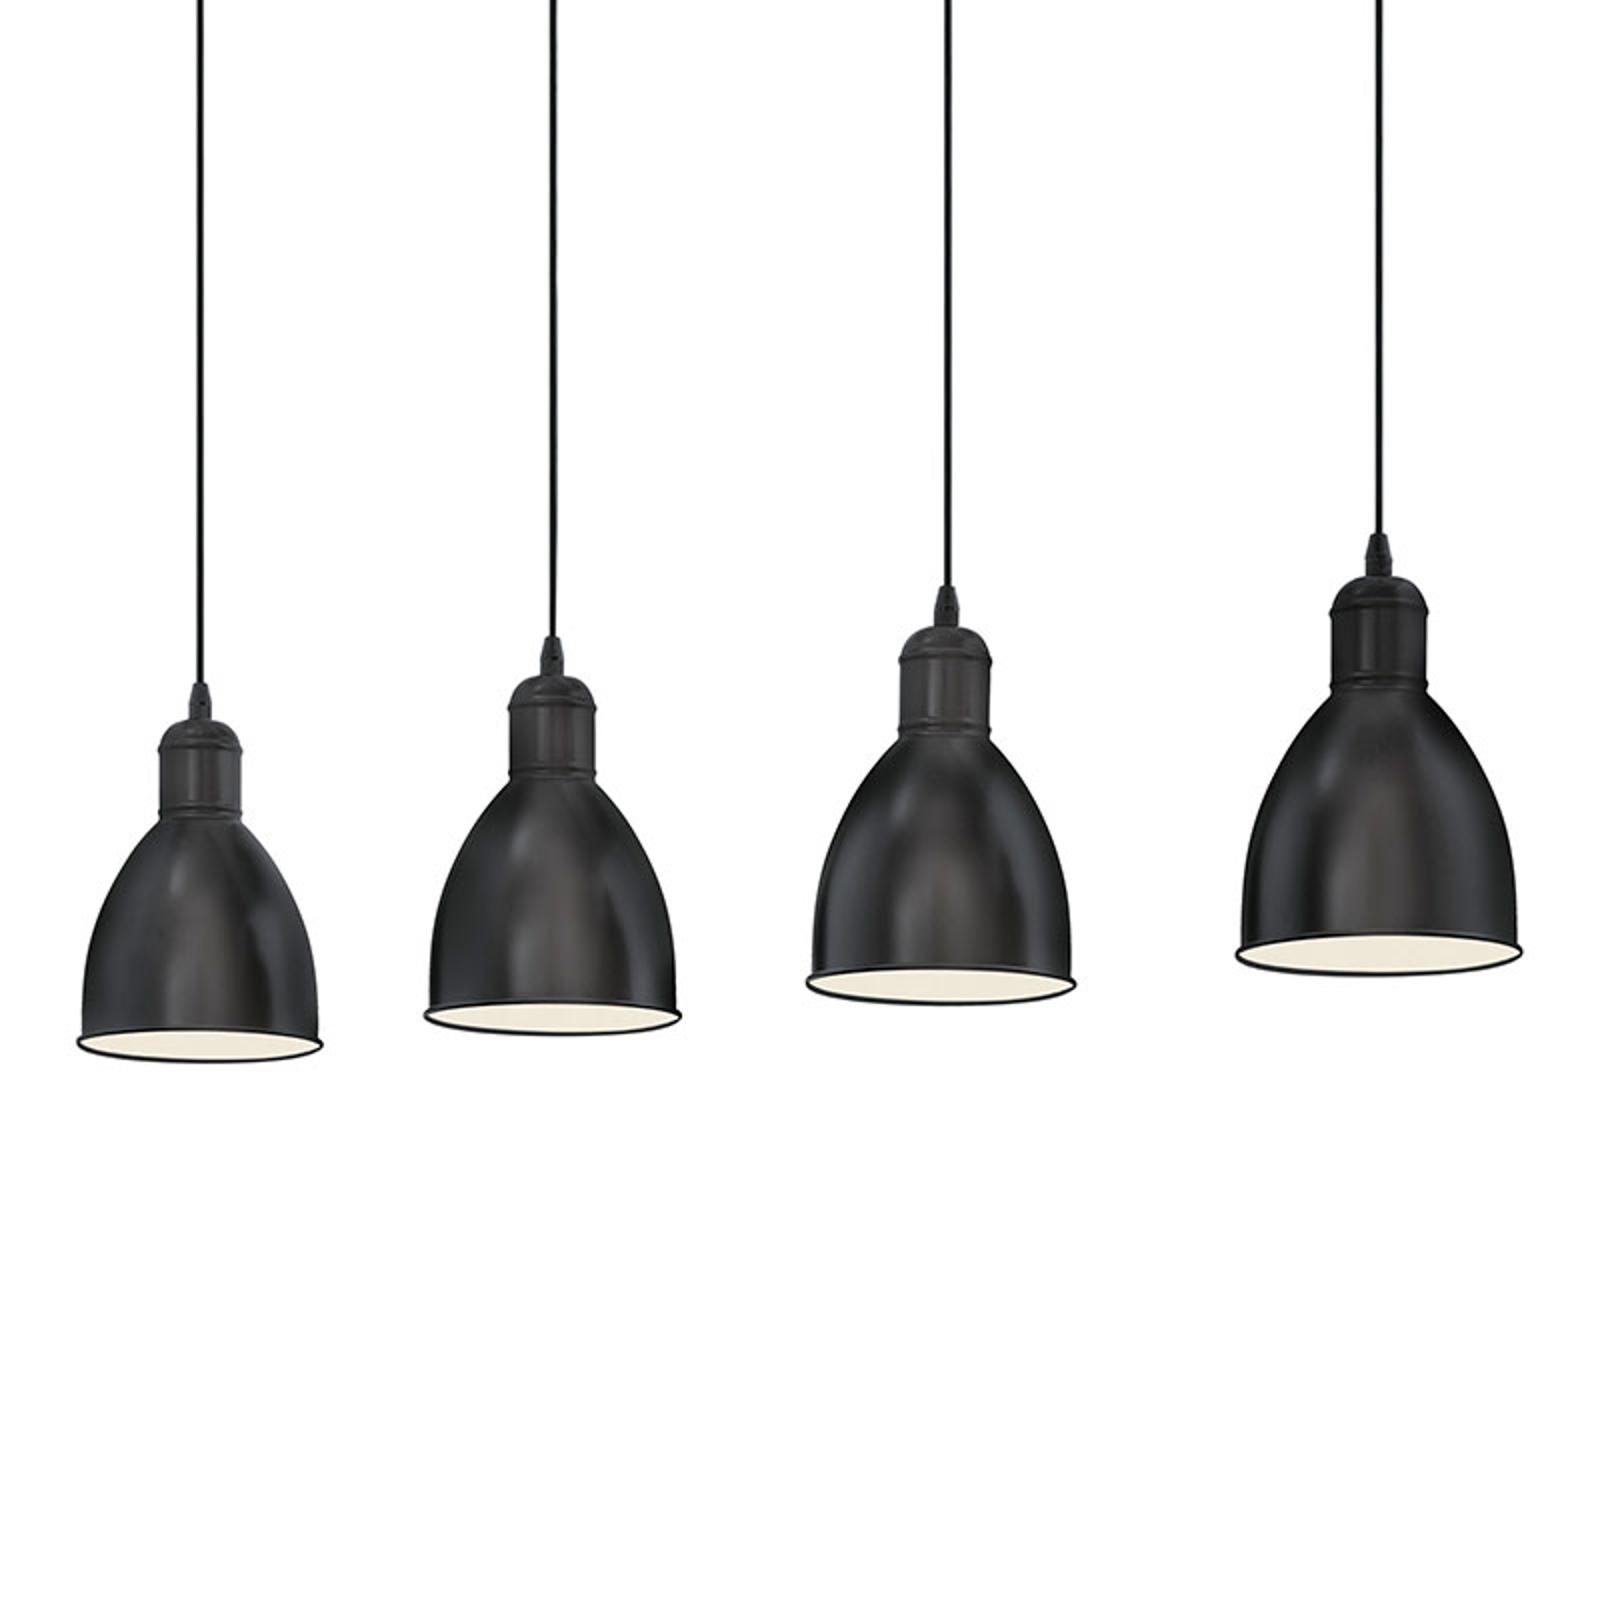 Lampa wisząca Priddy z czterema czarnymi kloszami